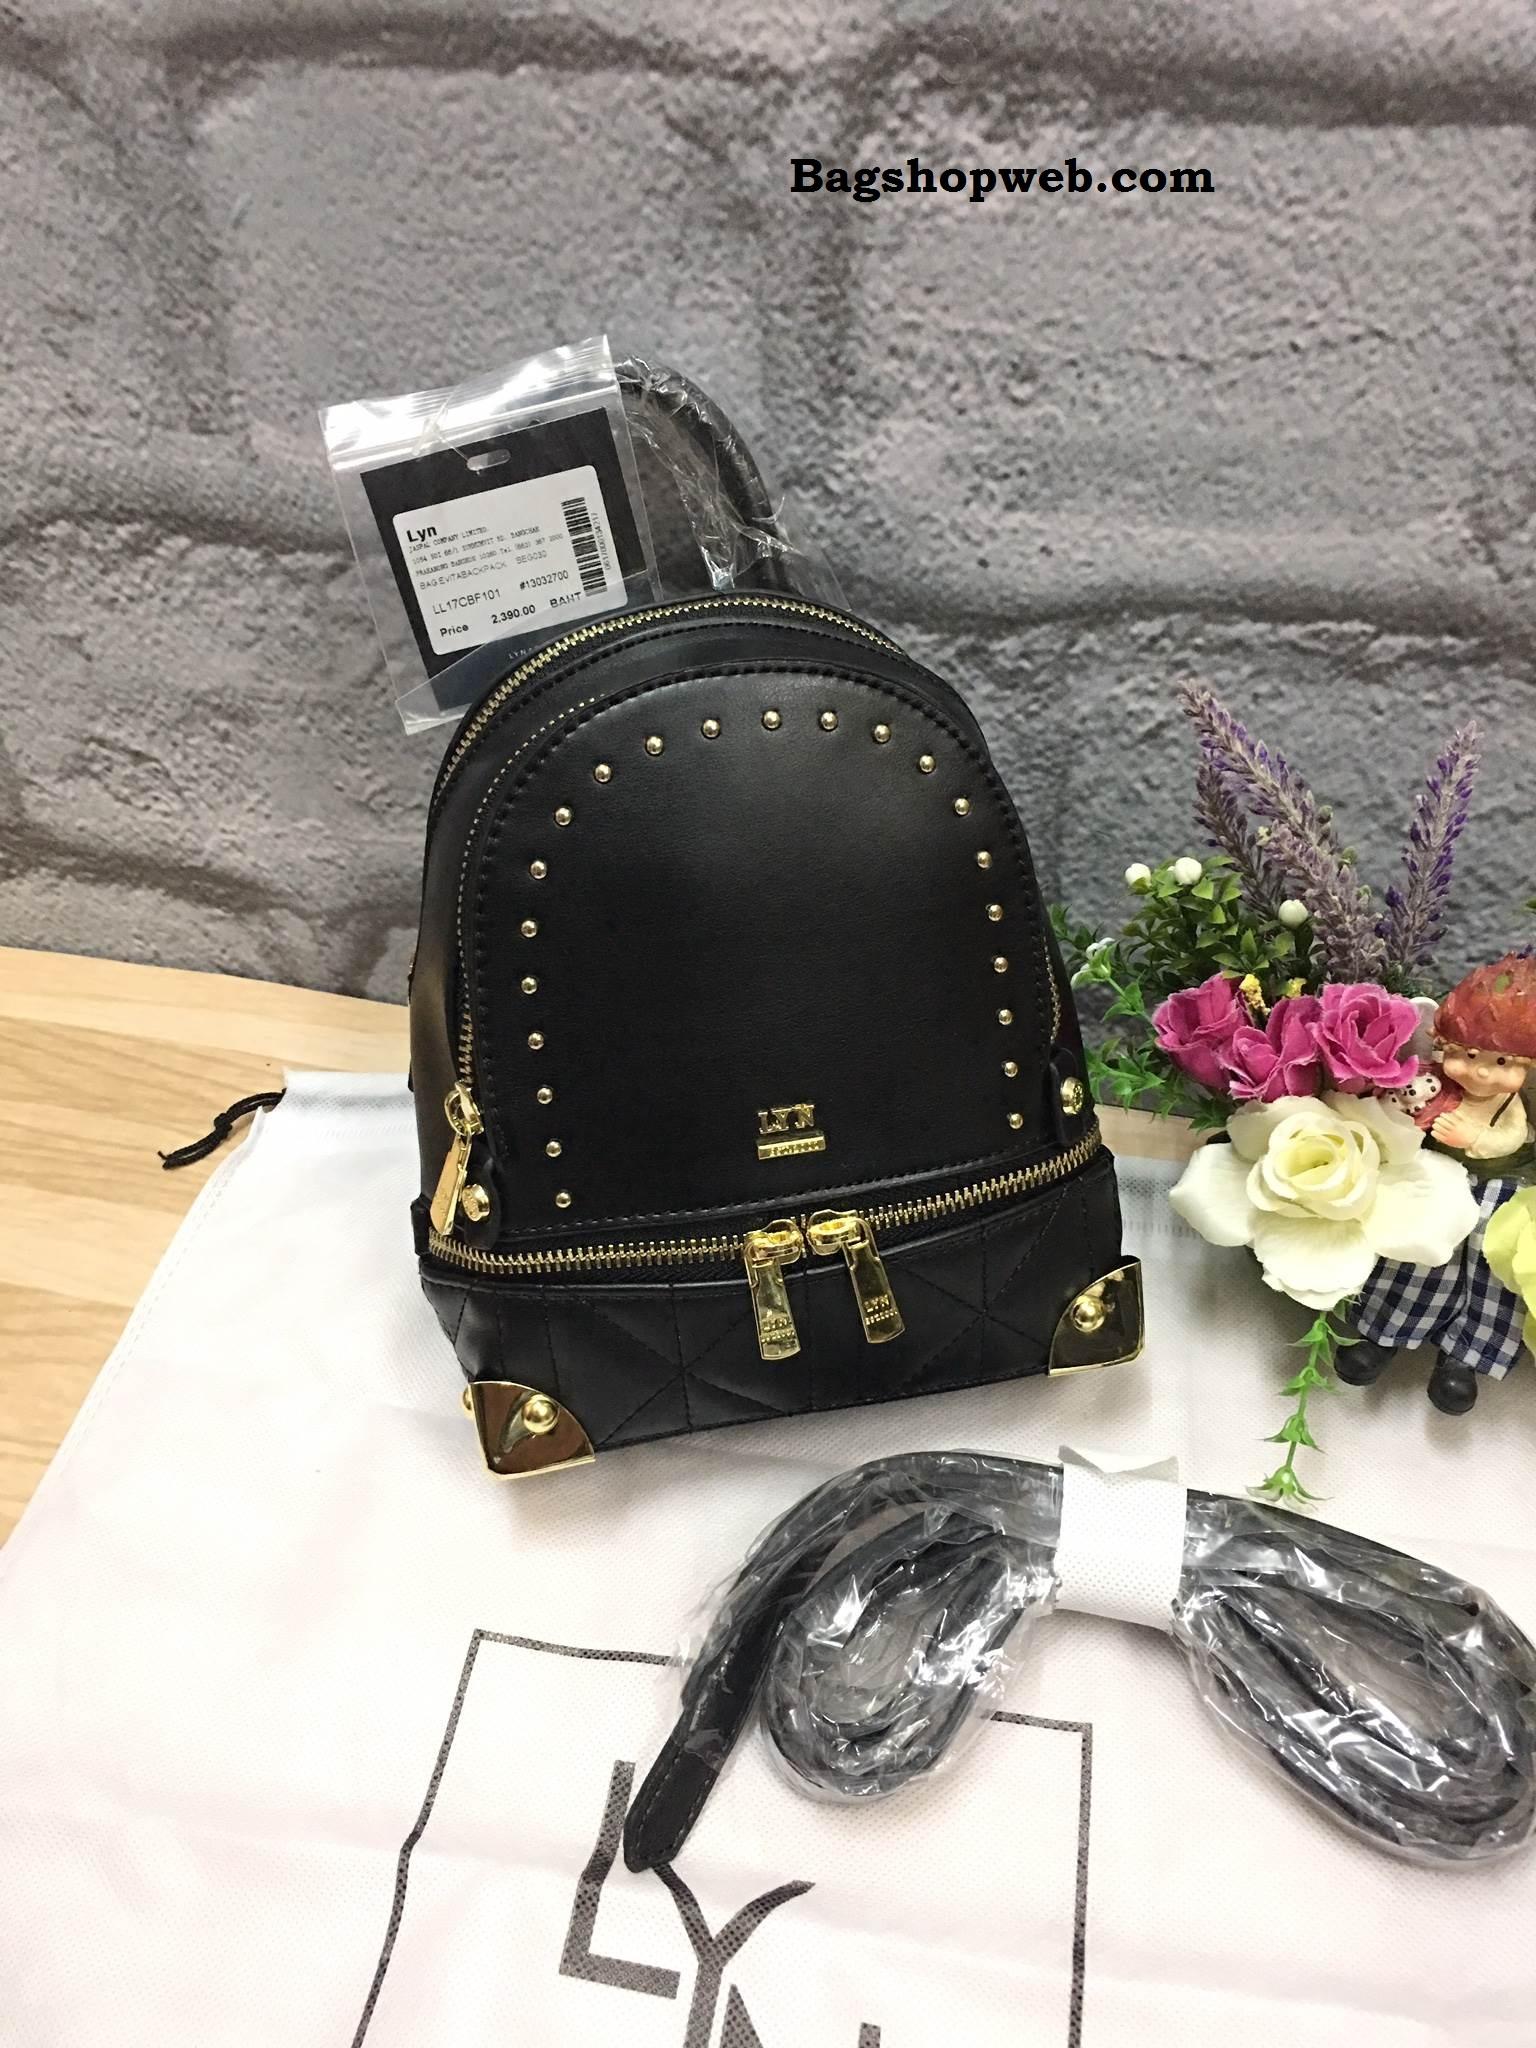 LYN EVITA BACKPACK 2017 รุ่นใหม่ชนช้อป กระเป๋าเป้ขนาดกะทัดรัด สีดำ ราคา 1,490 บาท Free Ems